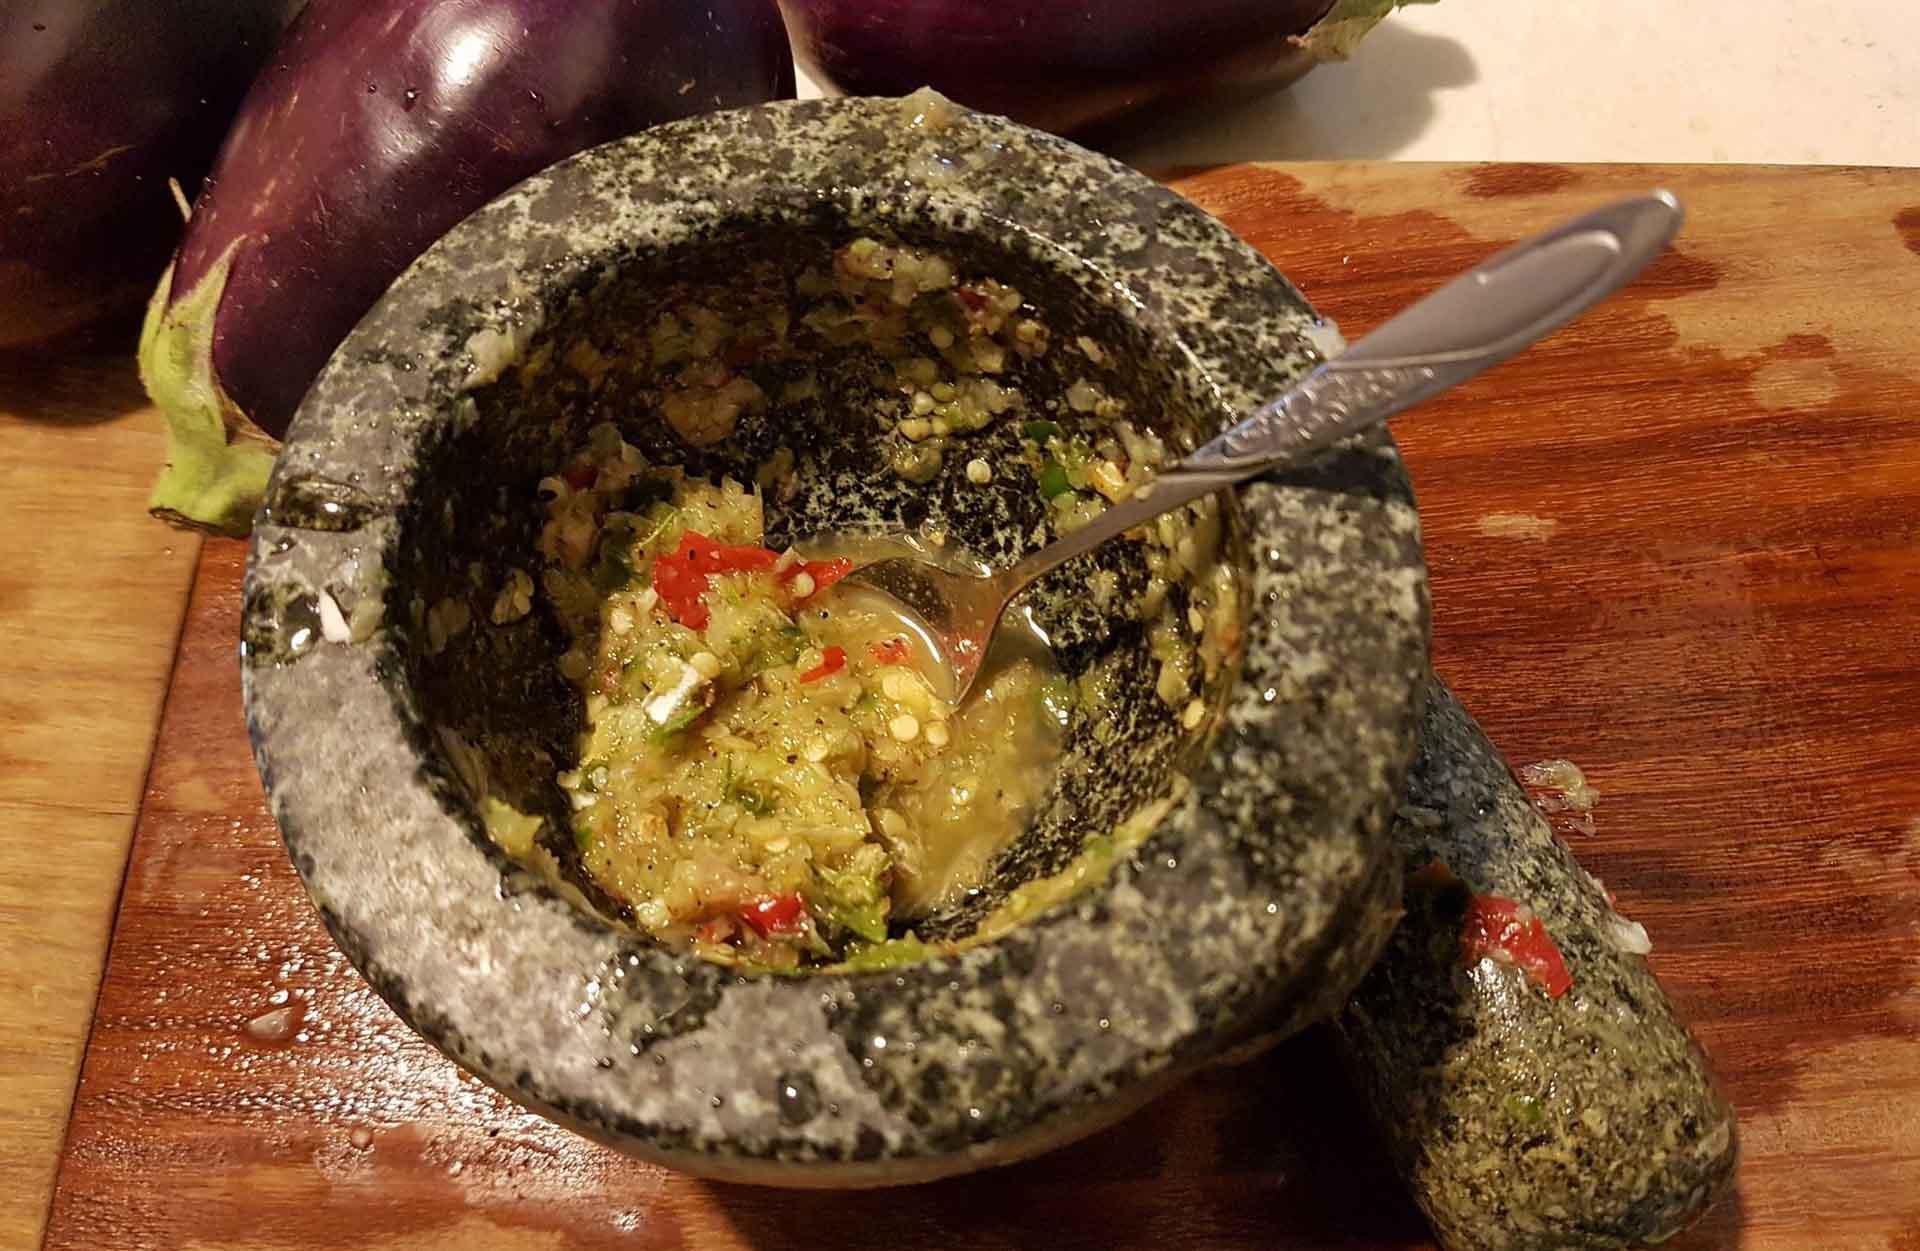 莎麗自製的海鮮酸辣醬,酸香有勁,這一提味,讓鹽焗燒烤海釣鮮魚更鮮了。(圖/莎麗家庭料理FB)